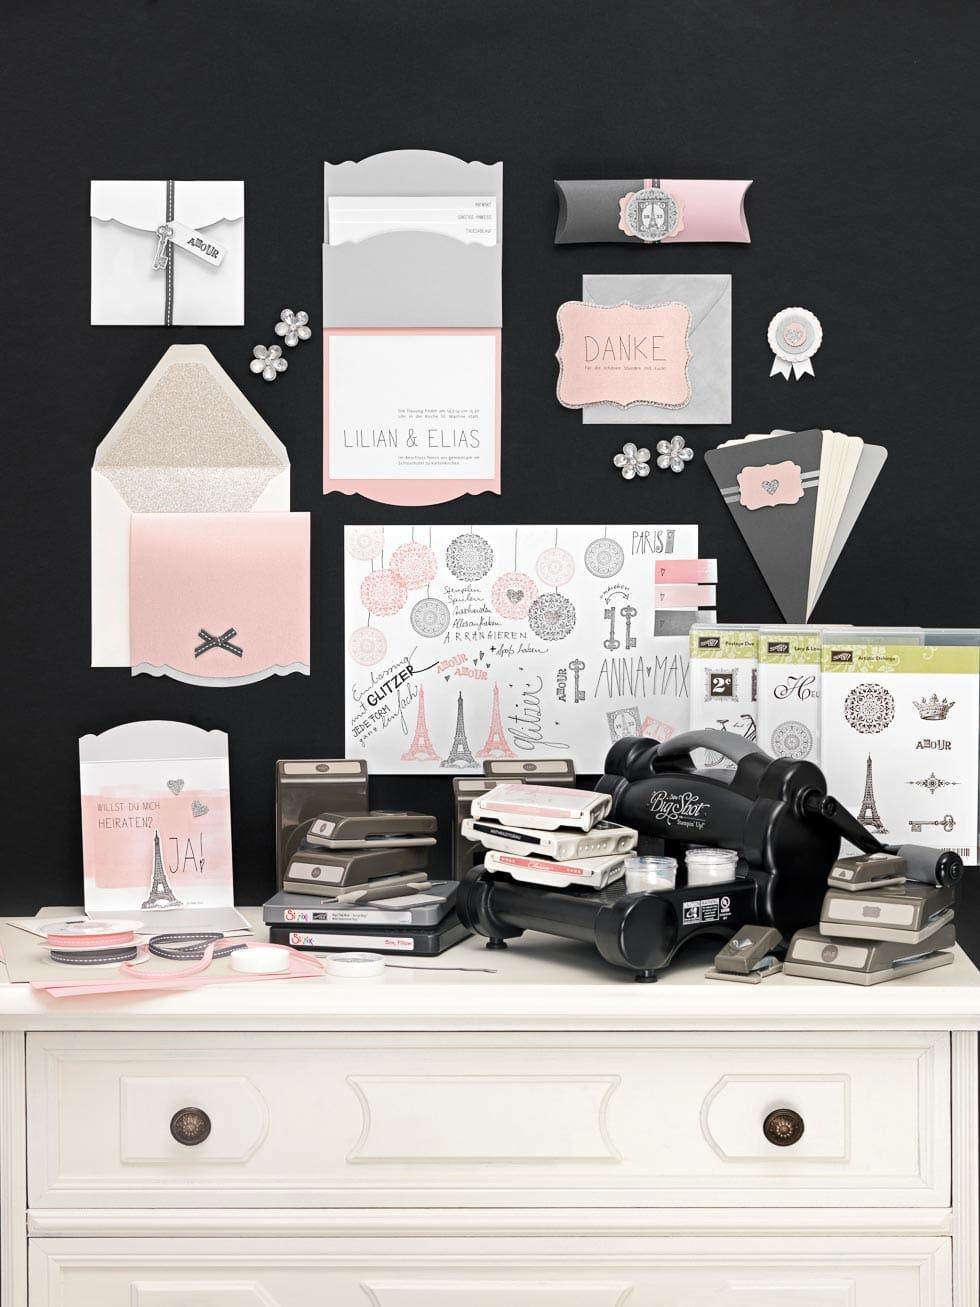 stimmungsboard so stellt ihr alle hochzeitsdetails zusammen weddingstyle hochzeitsblog. Black Bedroom Furniture Sets. Home Design Ideas